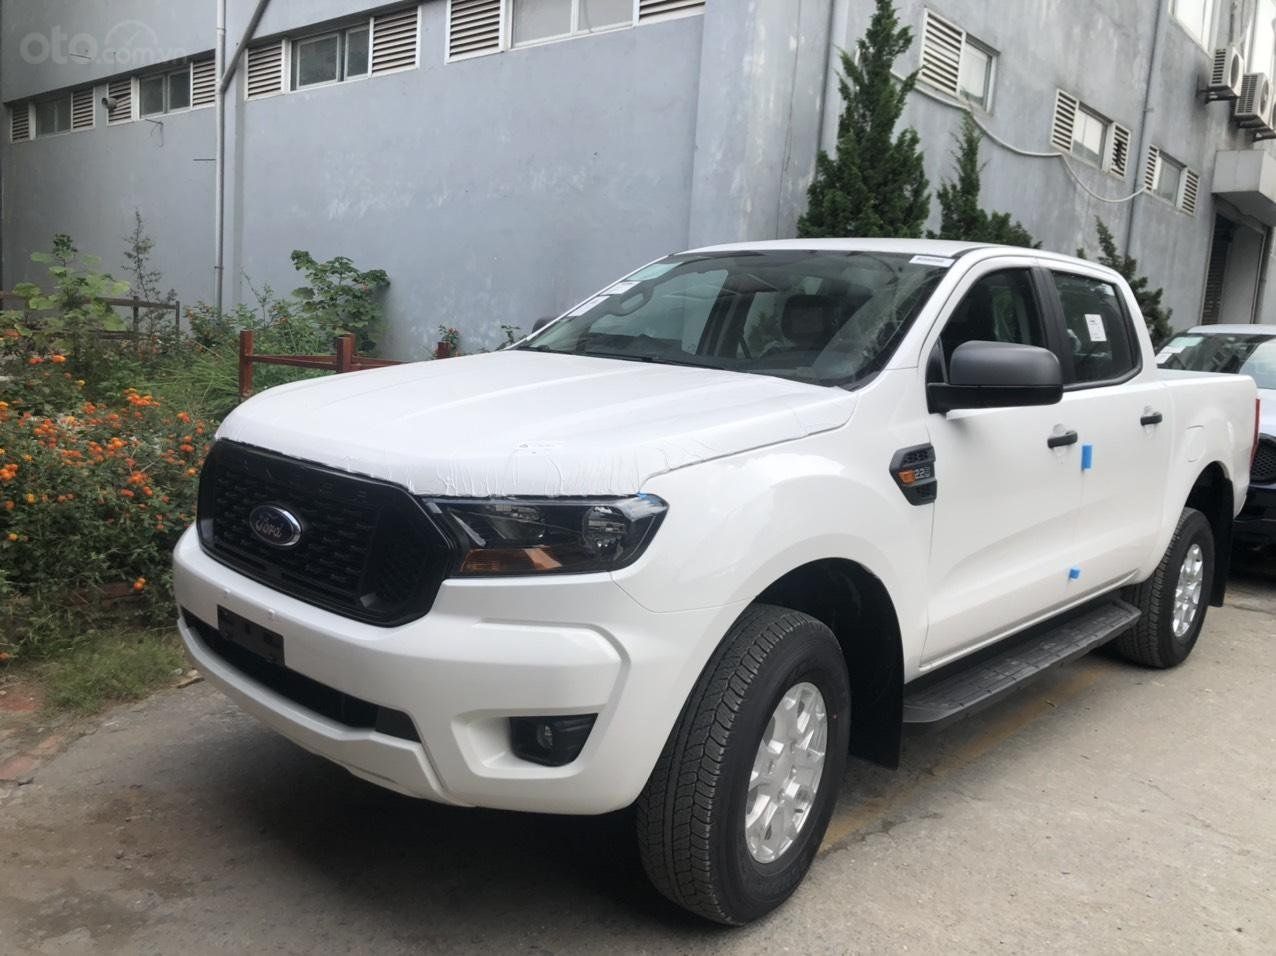 Ranger XLS AT giá tốt nhất thị trường miền Bắc, giao xe trước tết (1)